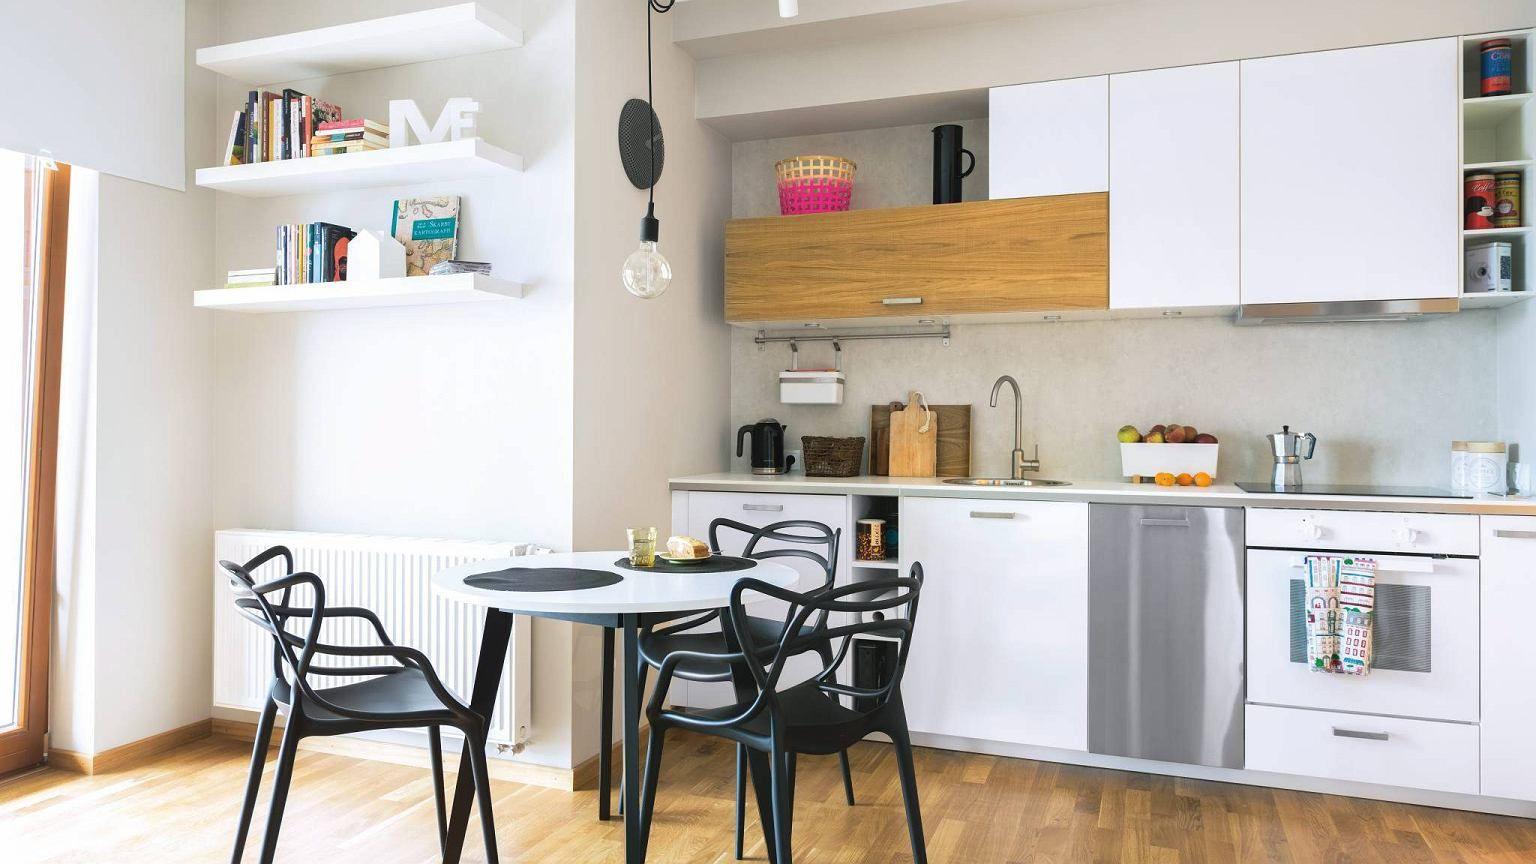 W Mieszkaniu W Bloku Czesto Brakuje Miejsca Na Pelnowymiarowa Kuchnie Aneks Kuchenny Zajmuje Mniej Miejsca A Moze Byc Rownie Funkcjo Home Decor Home Interior